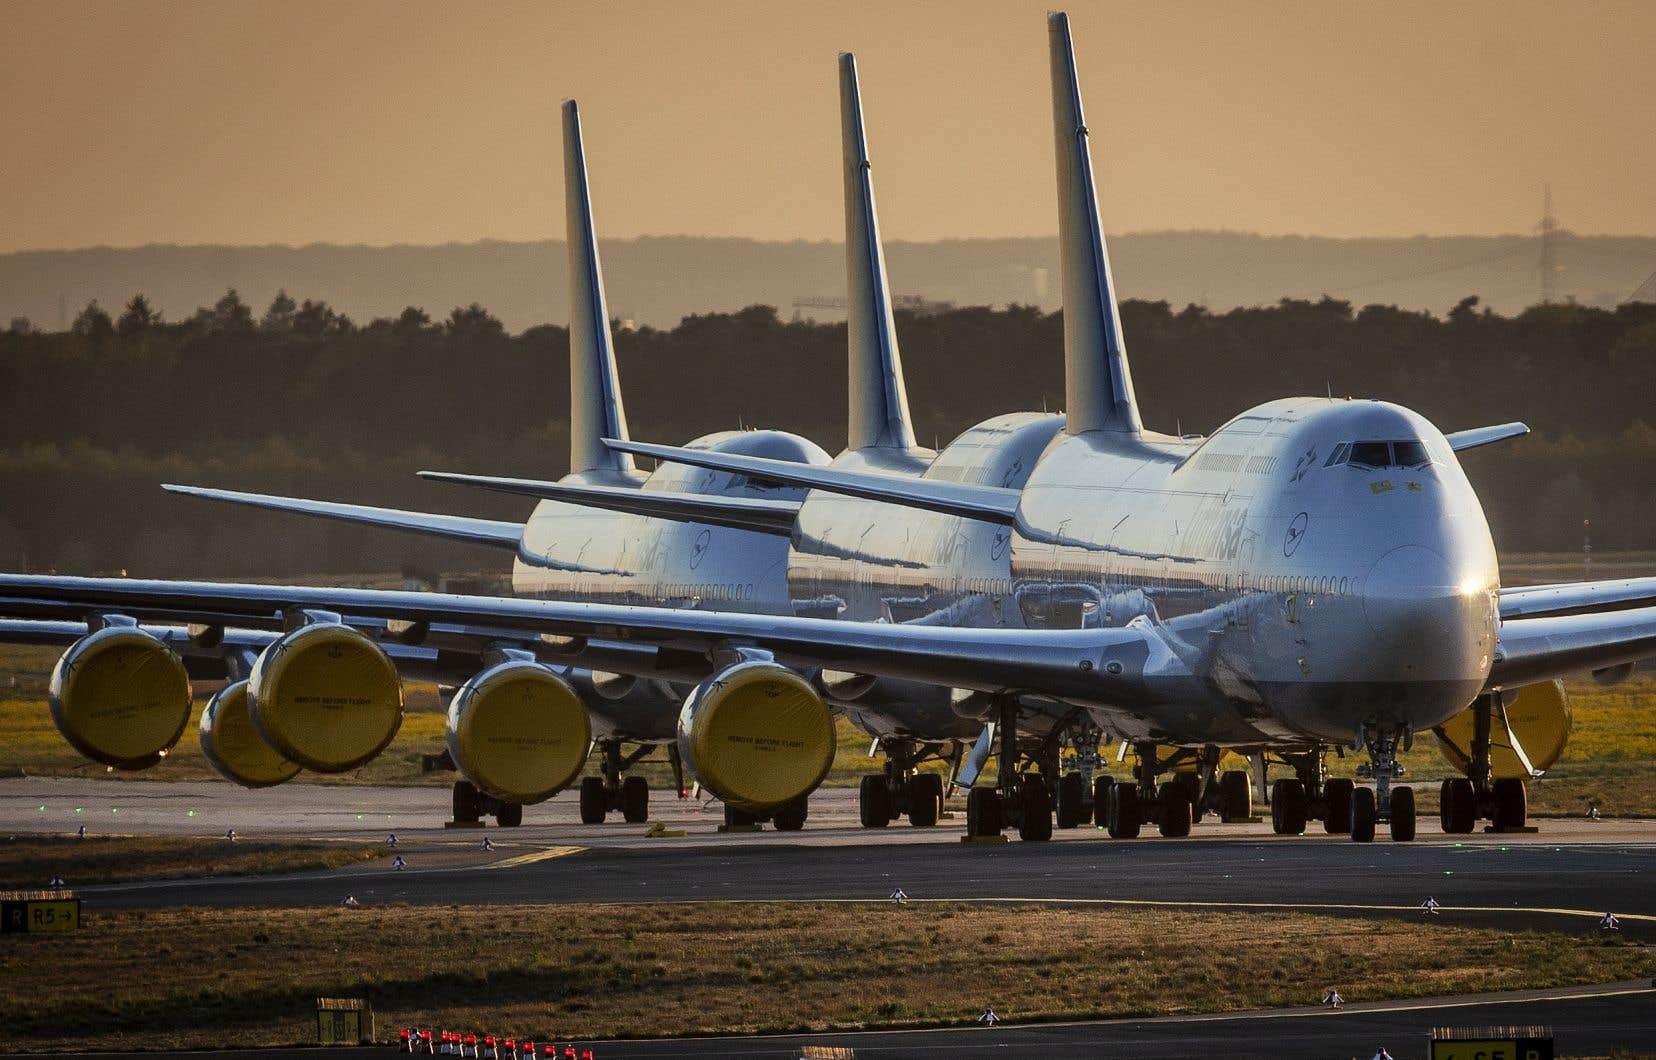 Lancé en1970, le «Jumbo Jet» de Boeing peut transporter plus de 600 passagers dans certaines configurations.